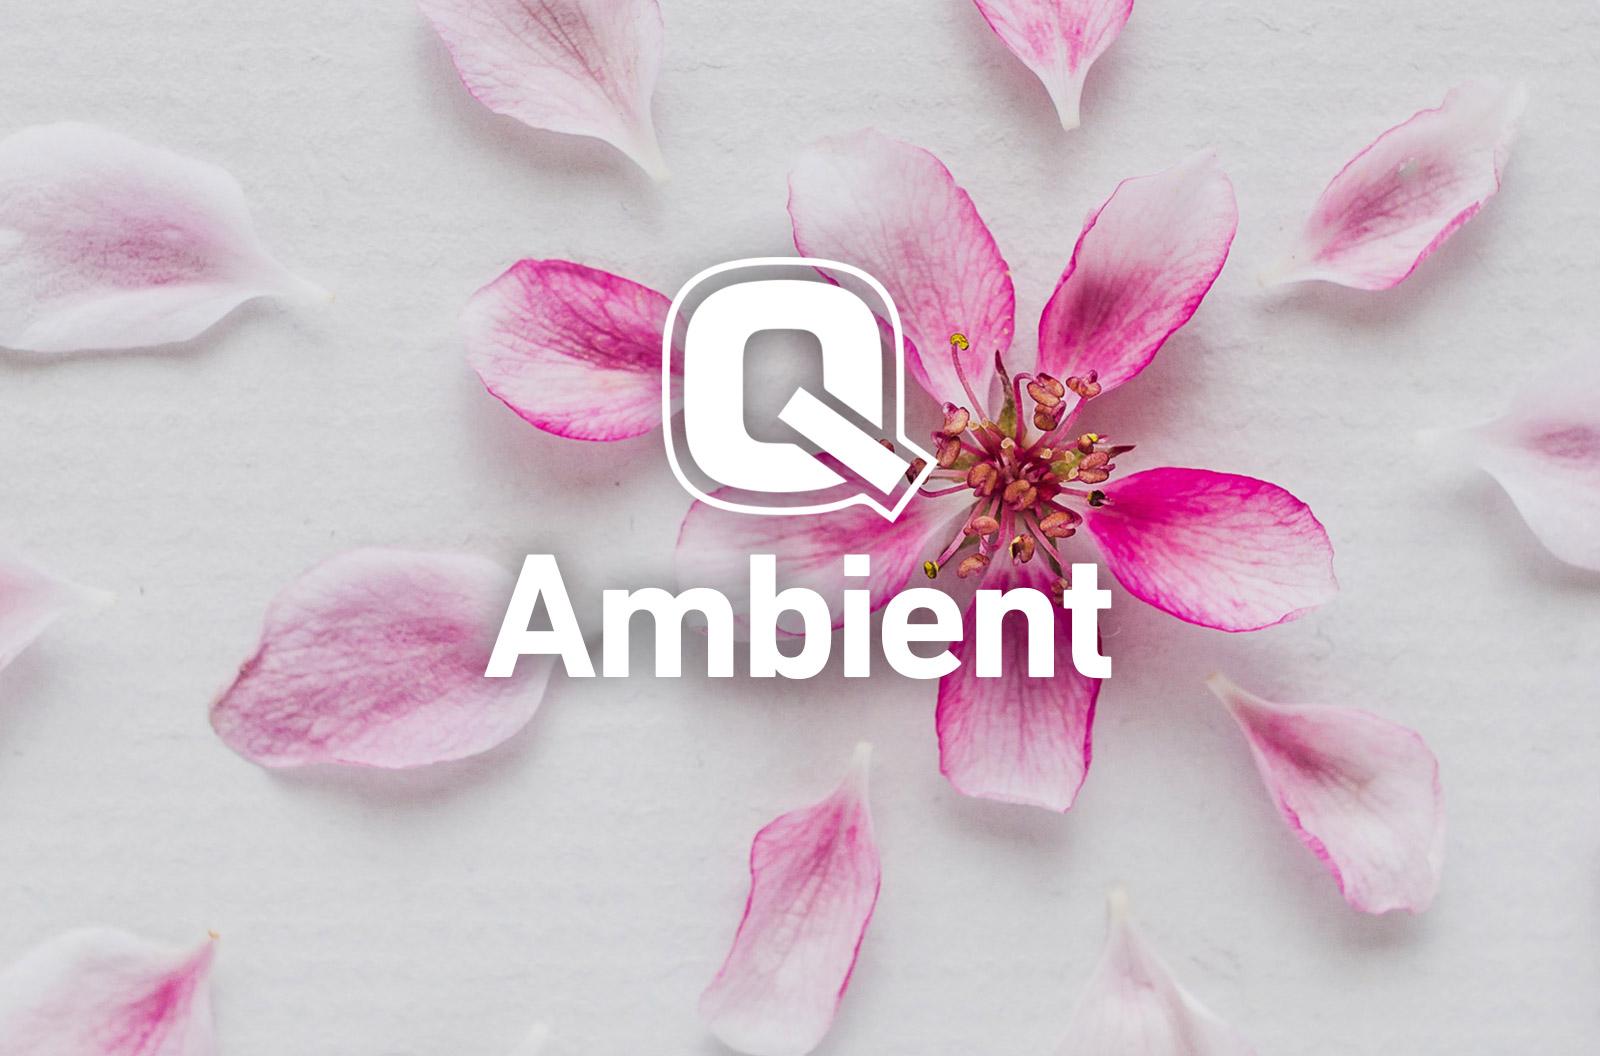 Quimidex Ambient